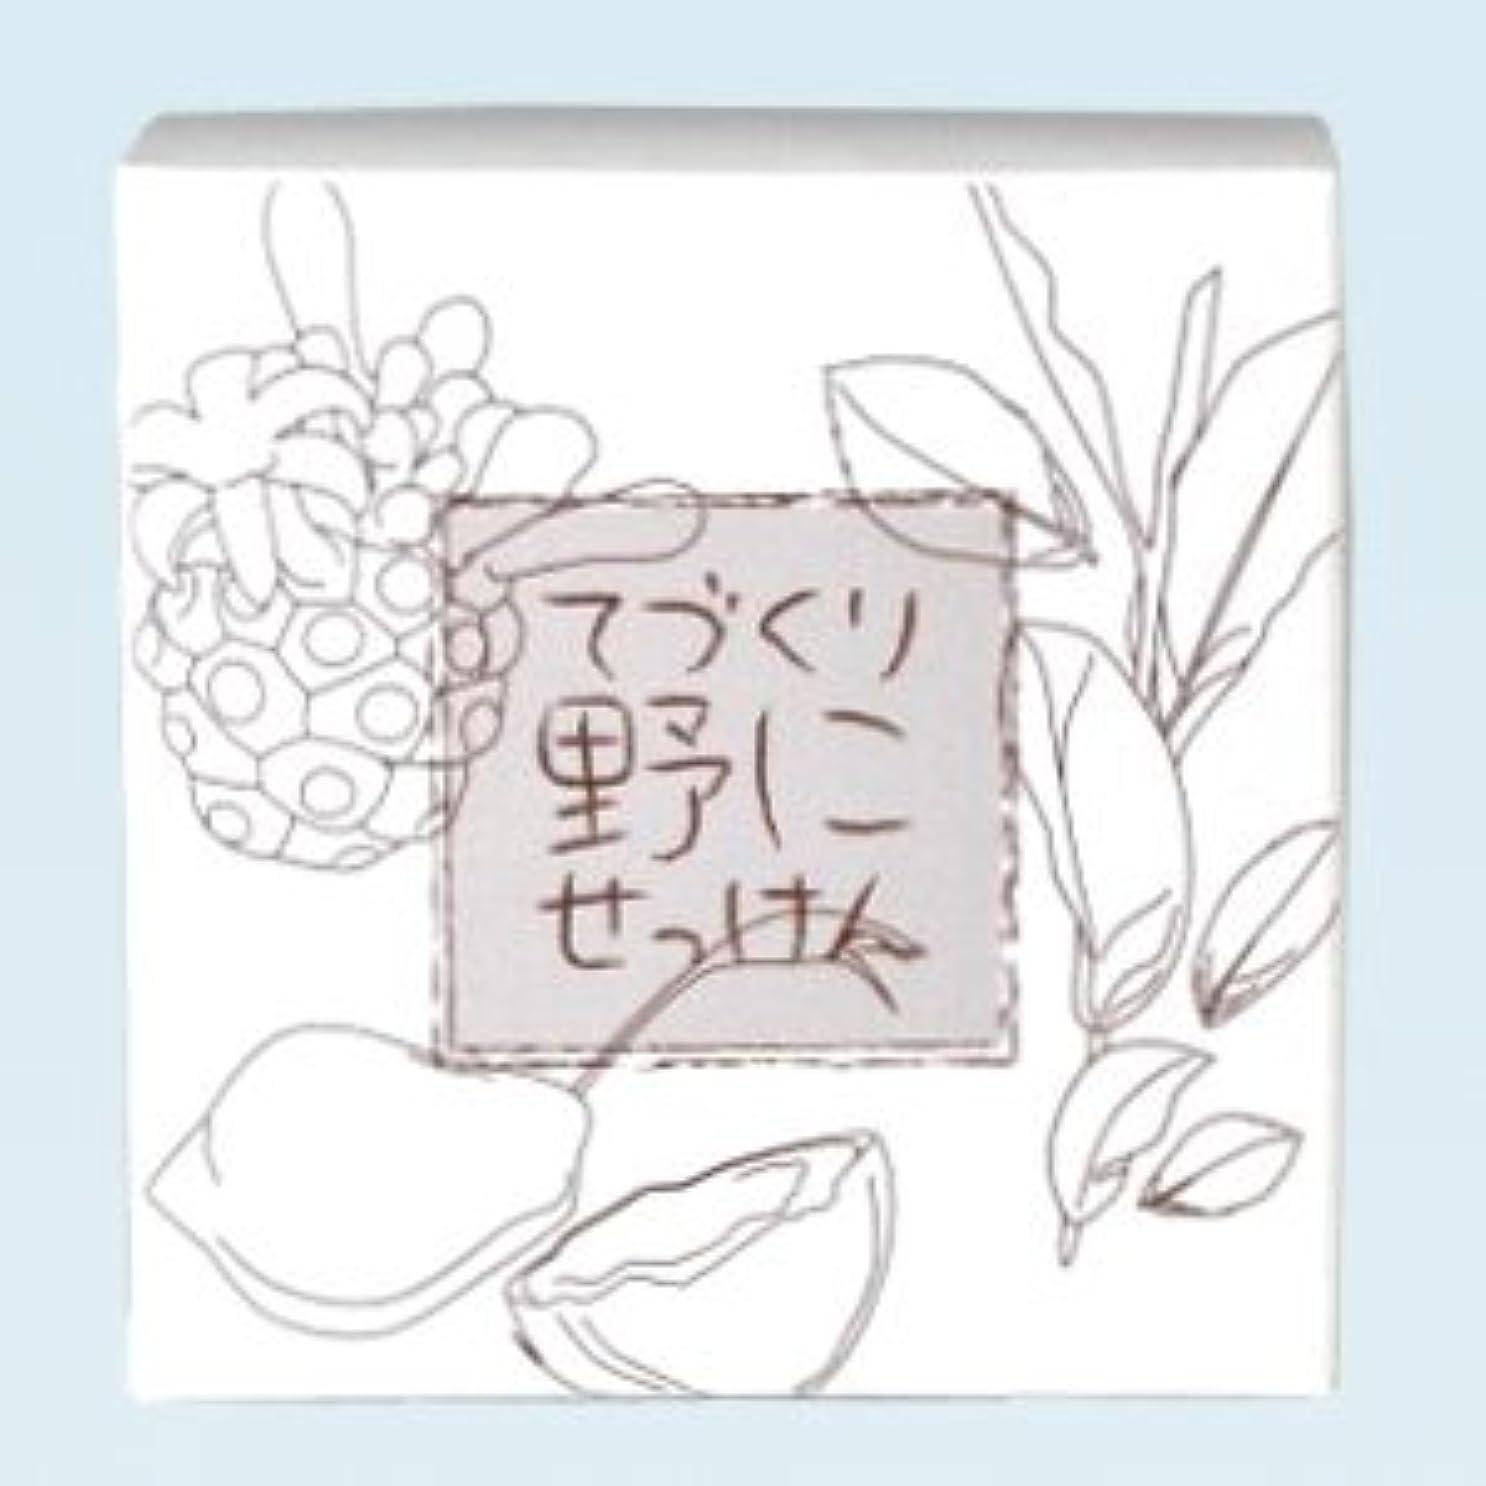 解体する飛躍シュガー緑茶ノニ石鹸 てづくり野にせっけん(115g)